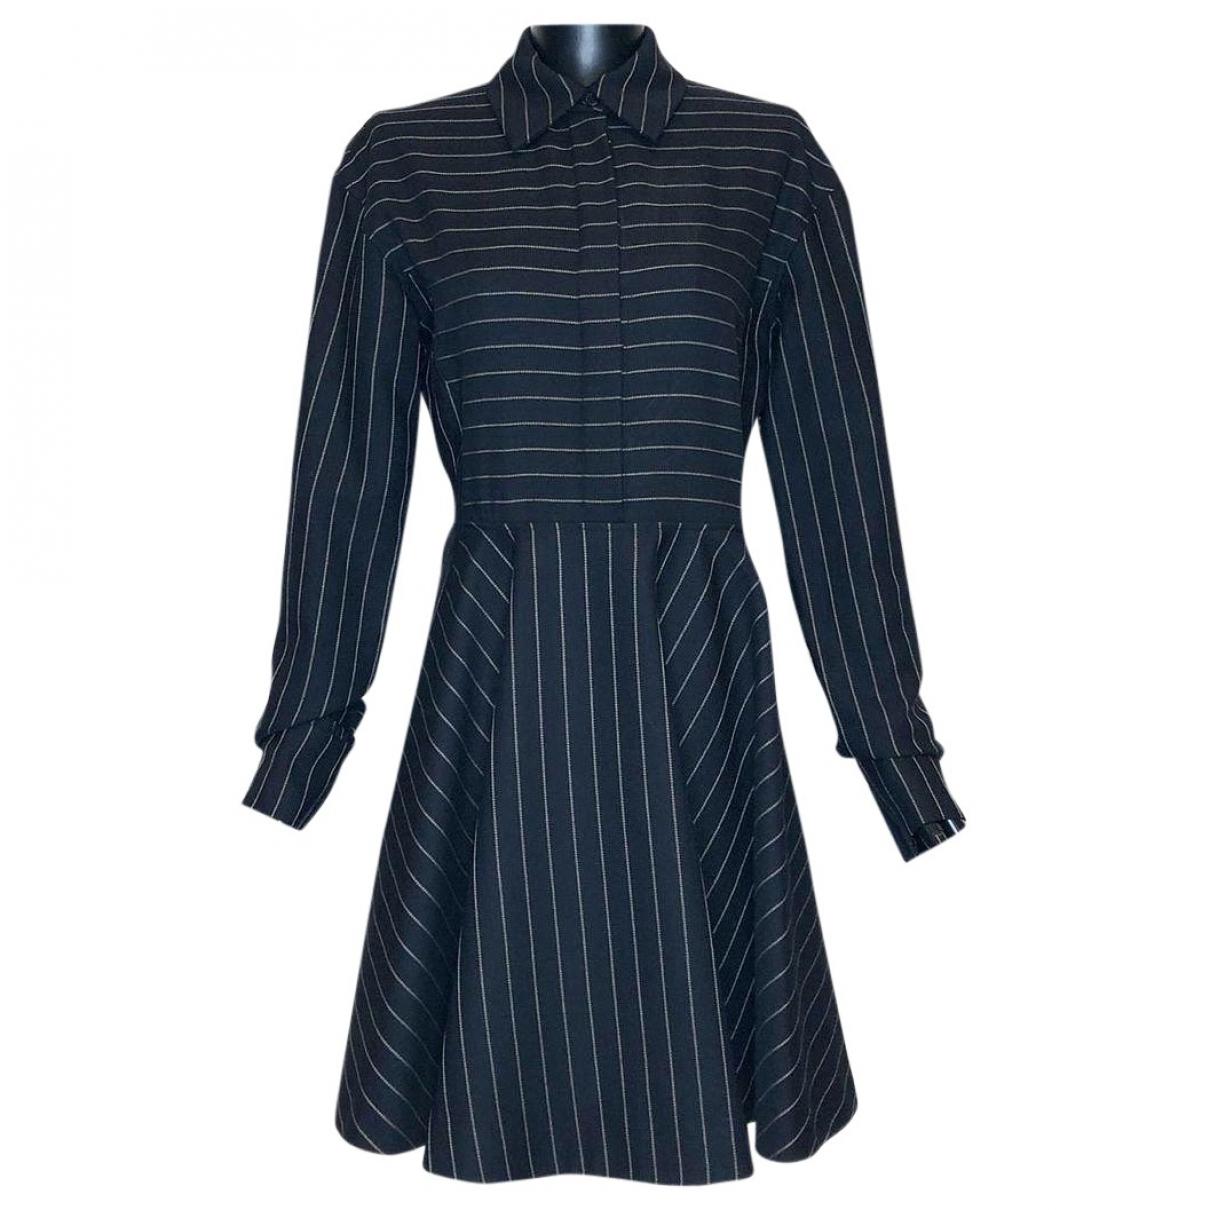 Stella Mccartney \N Black Wool dress for Women 38 IT